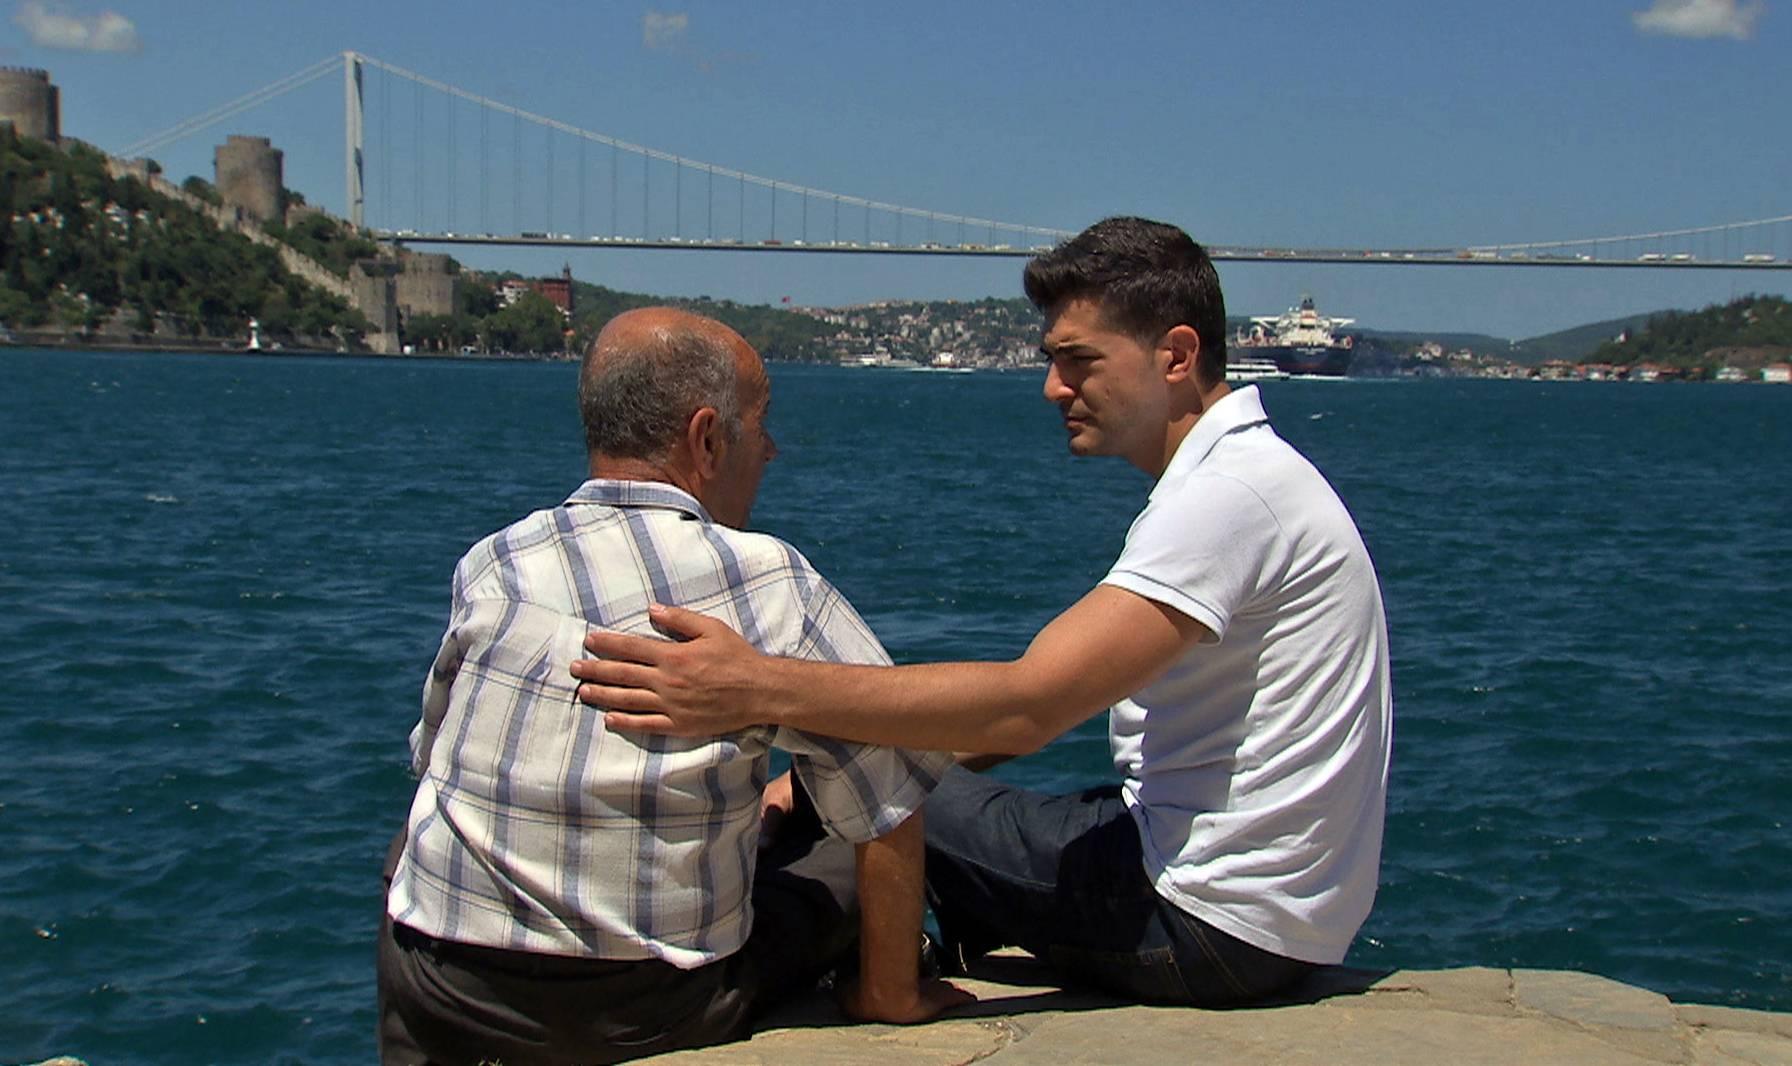 İyiliğin Bedeli – Kanal 7 TV Filmi